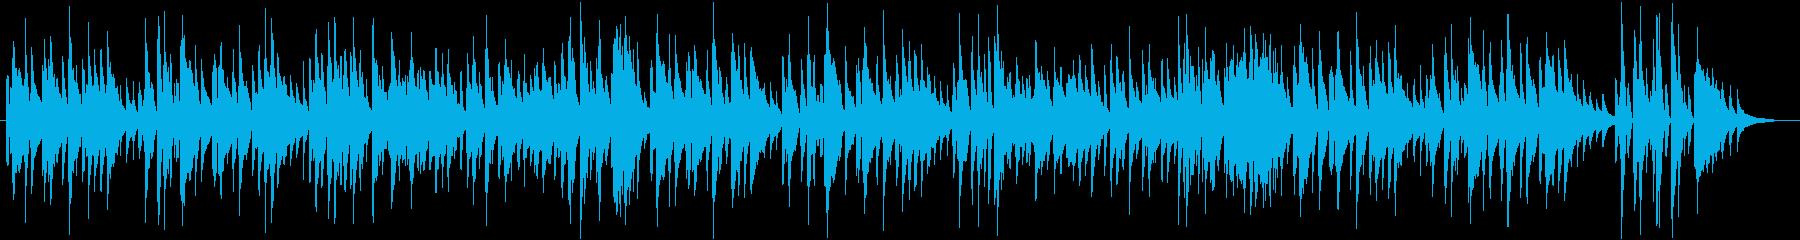 ハッピーバースデー JAZZピアノデュオの再生済みの波形